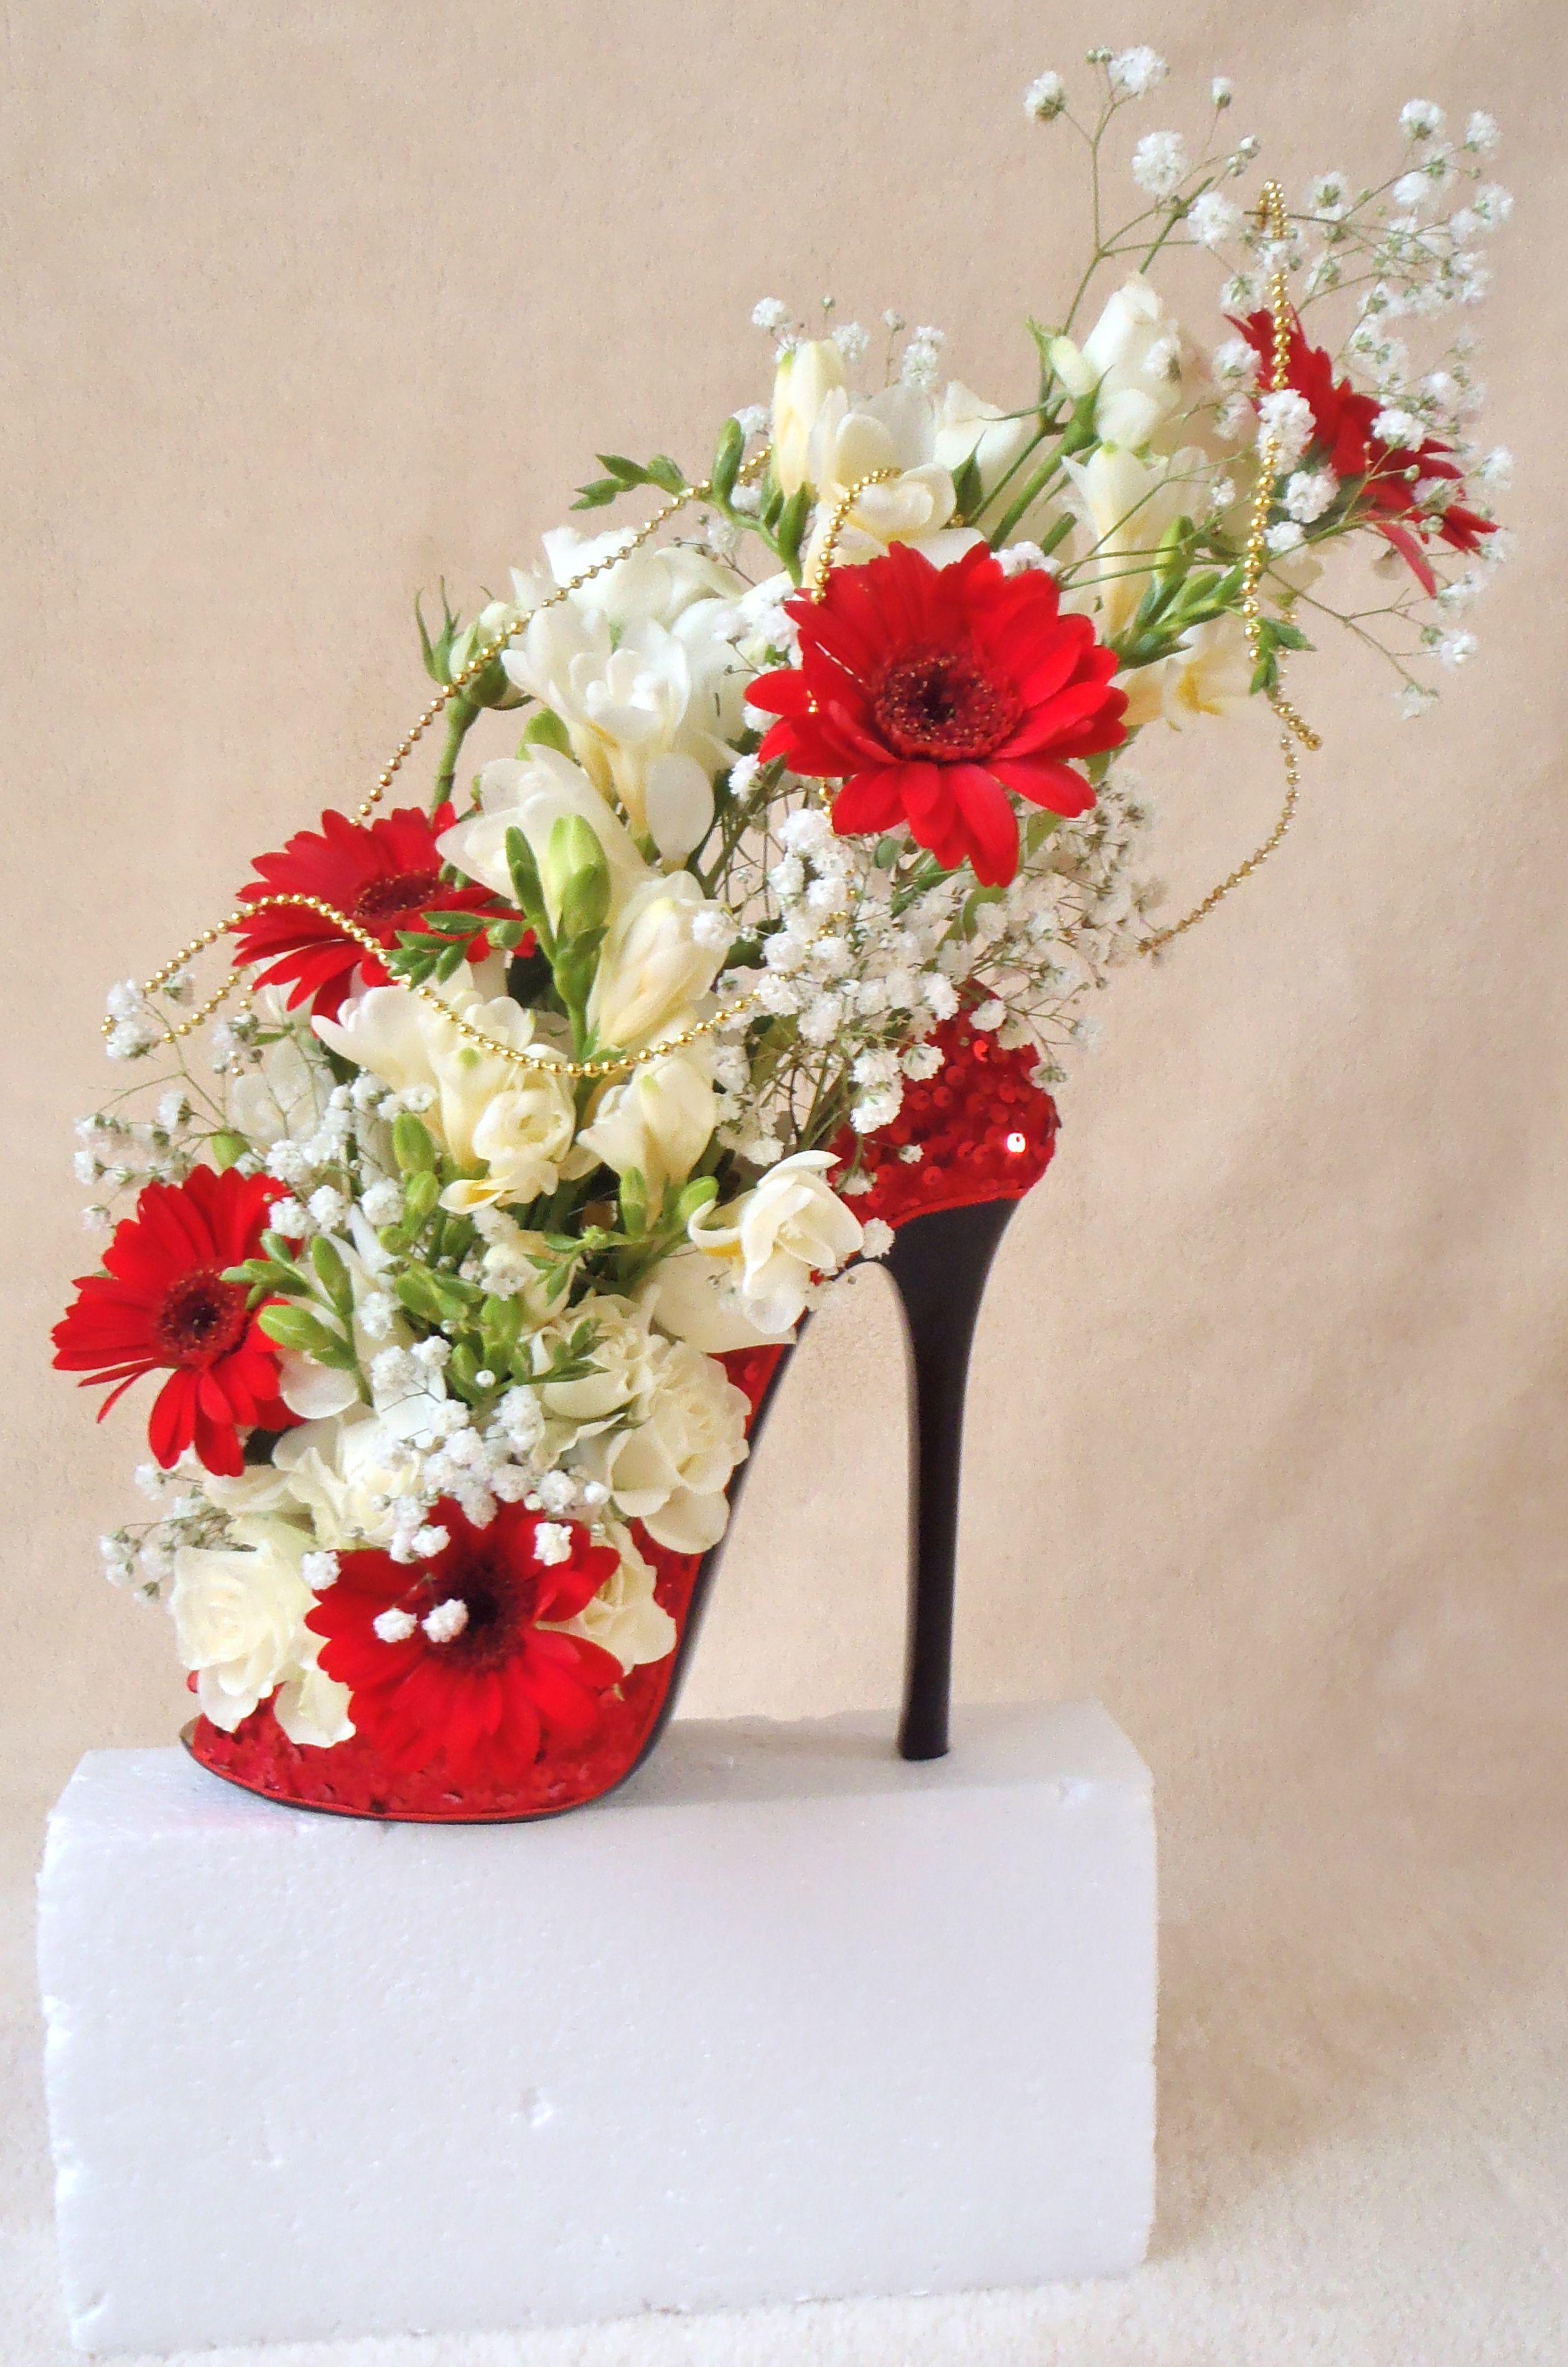 Beautiful Shoe Design Used As Wedding Display In Different Colour Shoes Flowers Blumen Tischschmuck Einzigartige Blumen Blumengestecke